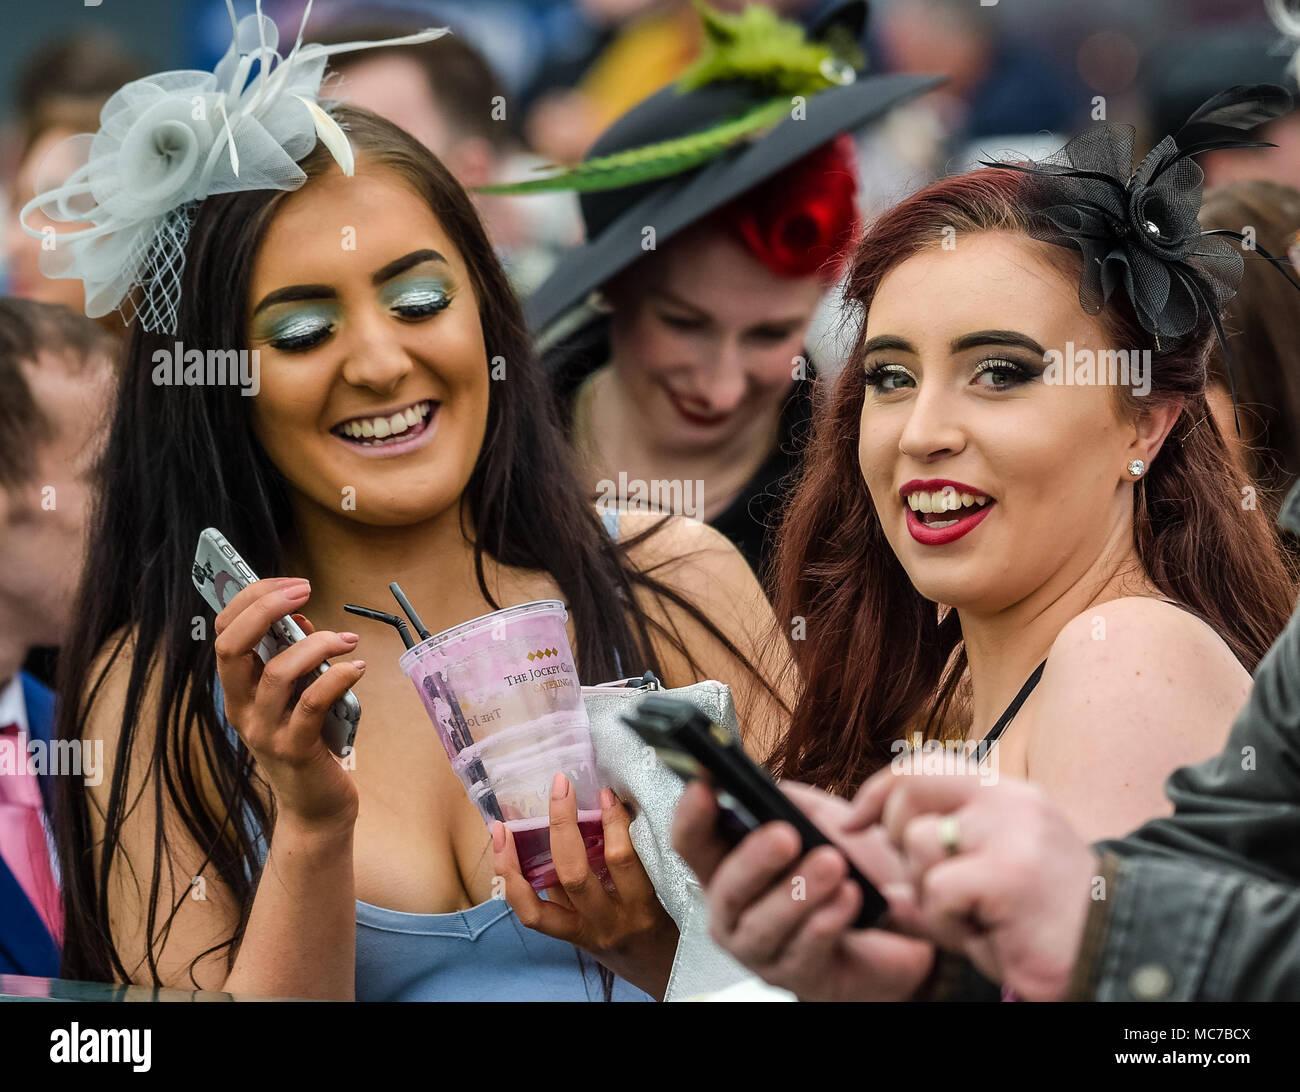 Liverpool Ladies Immagini   Liverpool Ladies Fotos Stock - Alamy 157d188e389f